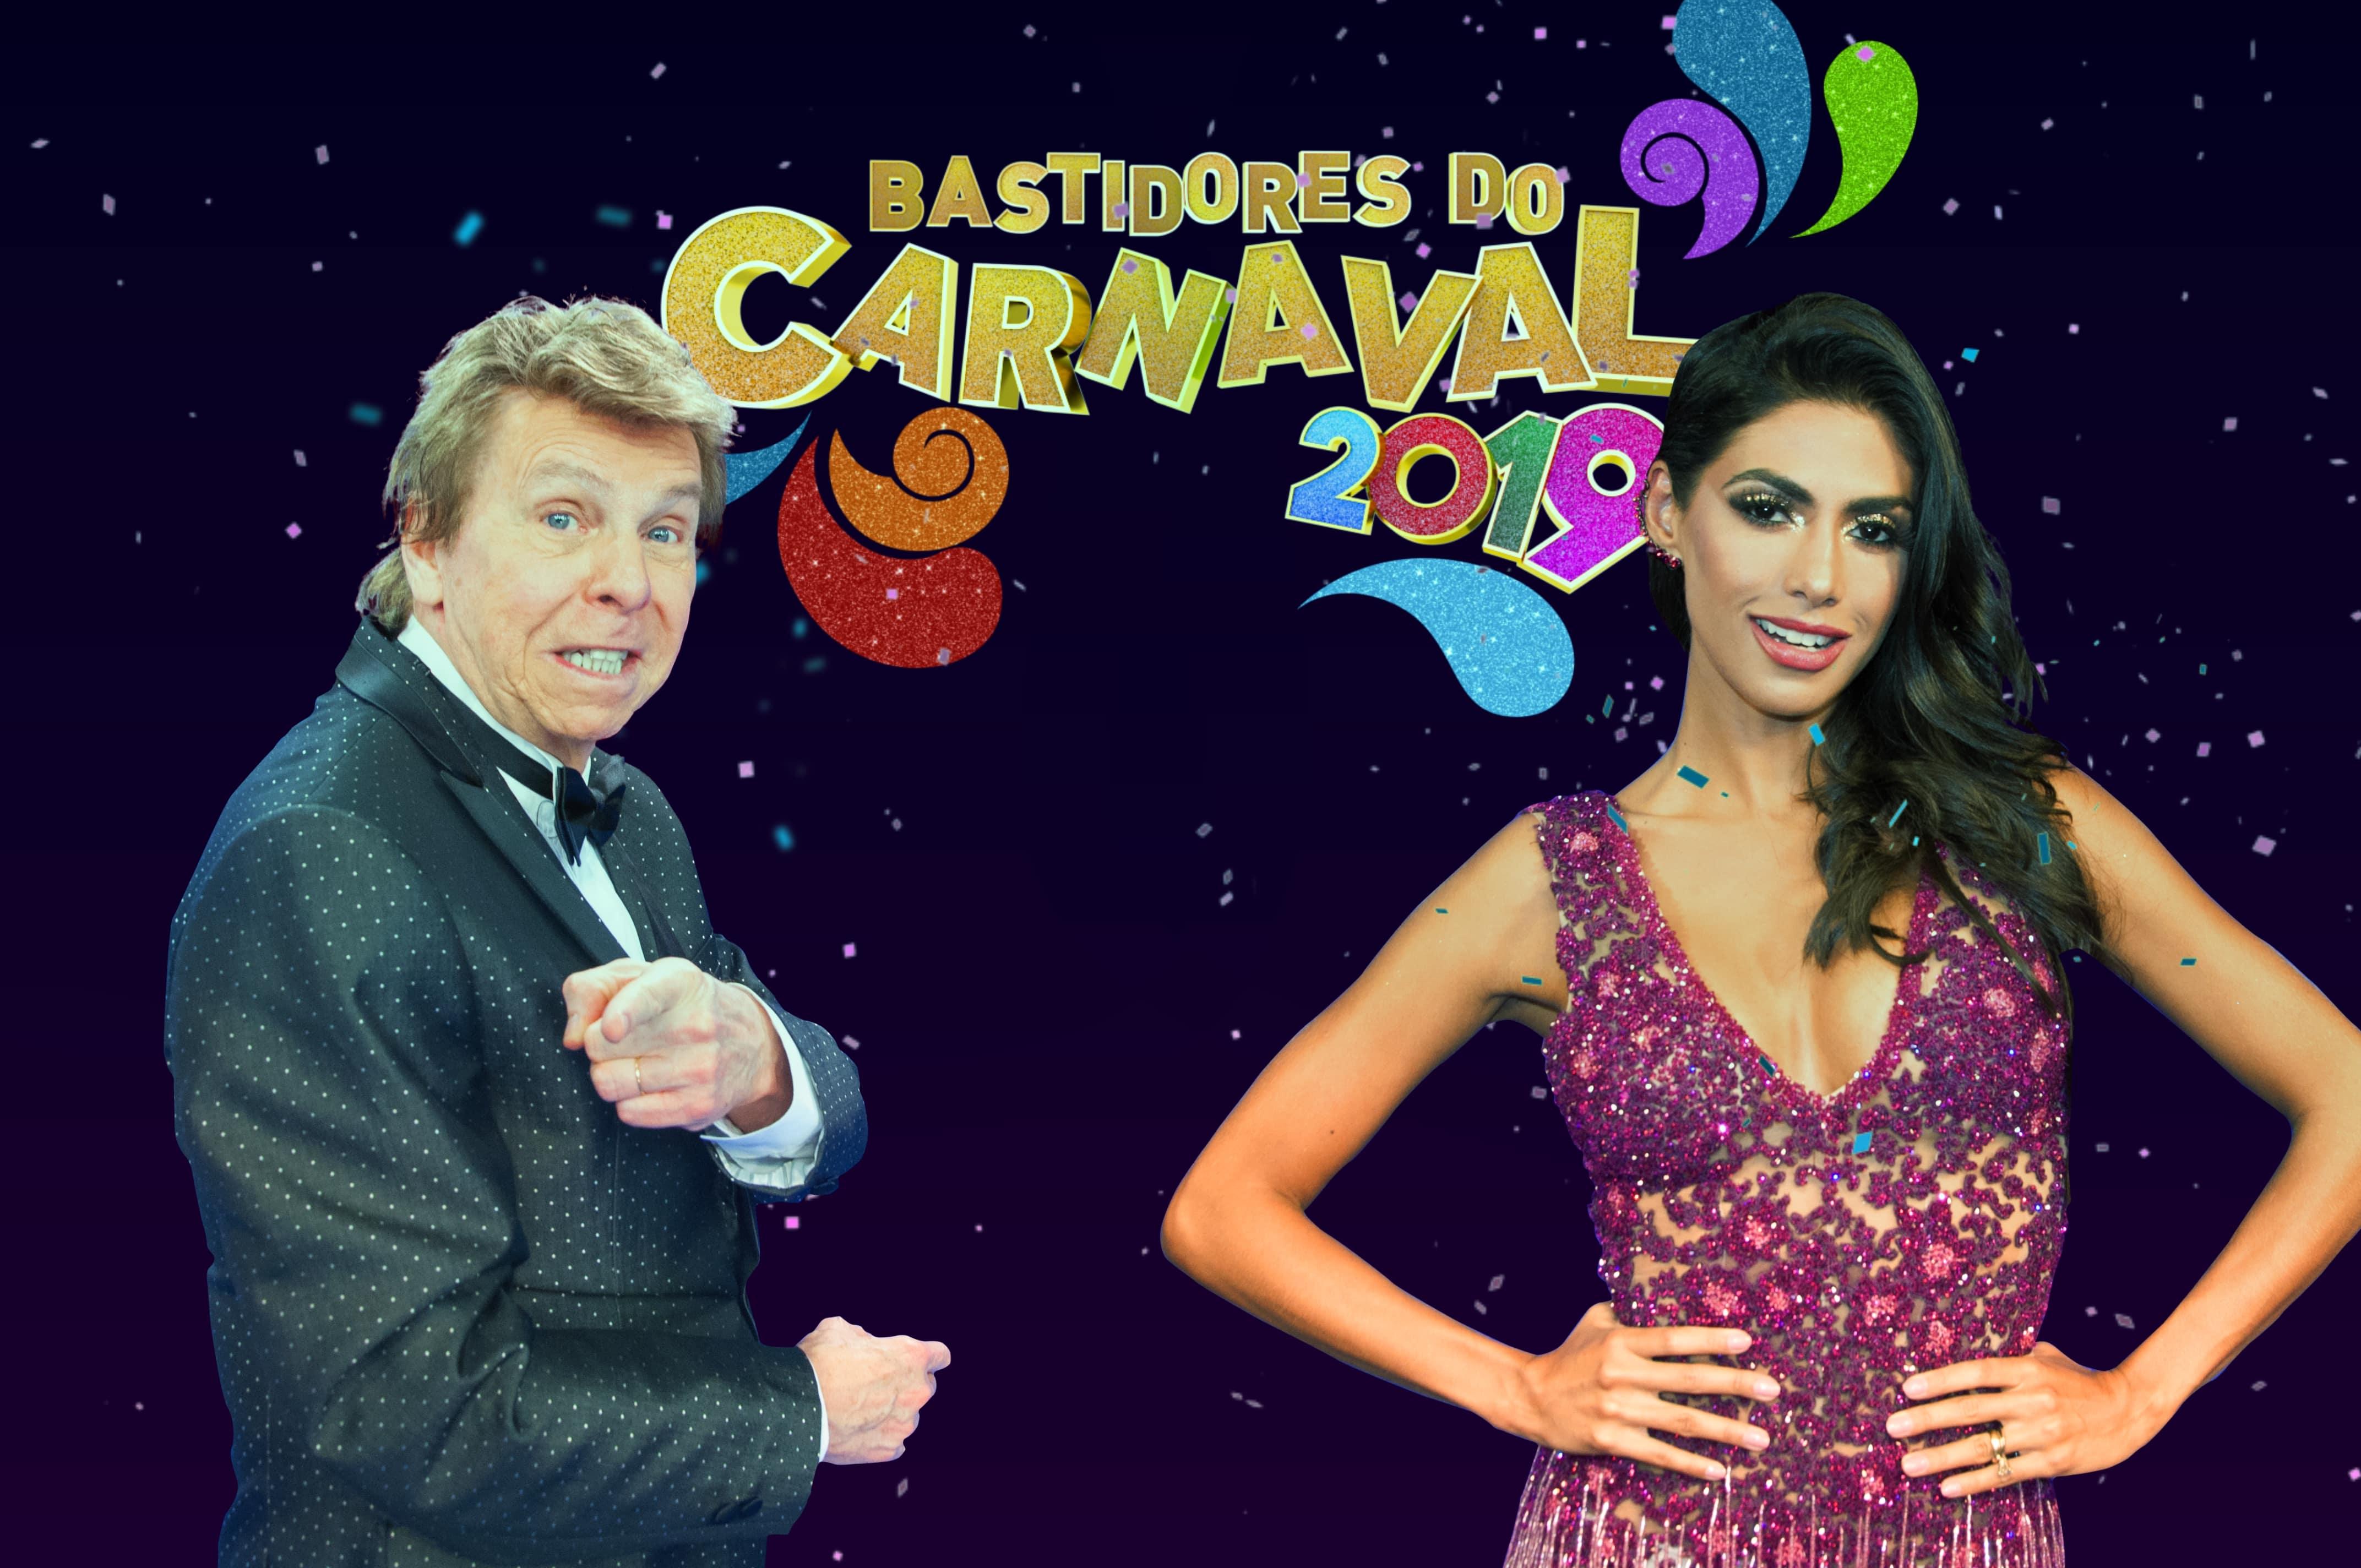 Bastidores do Carnaval